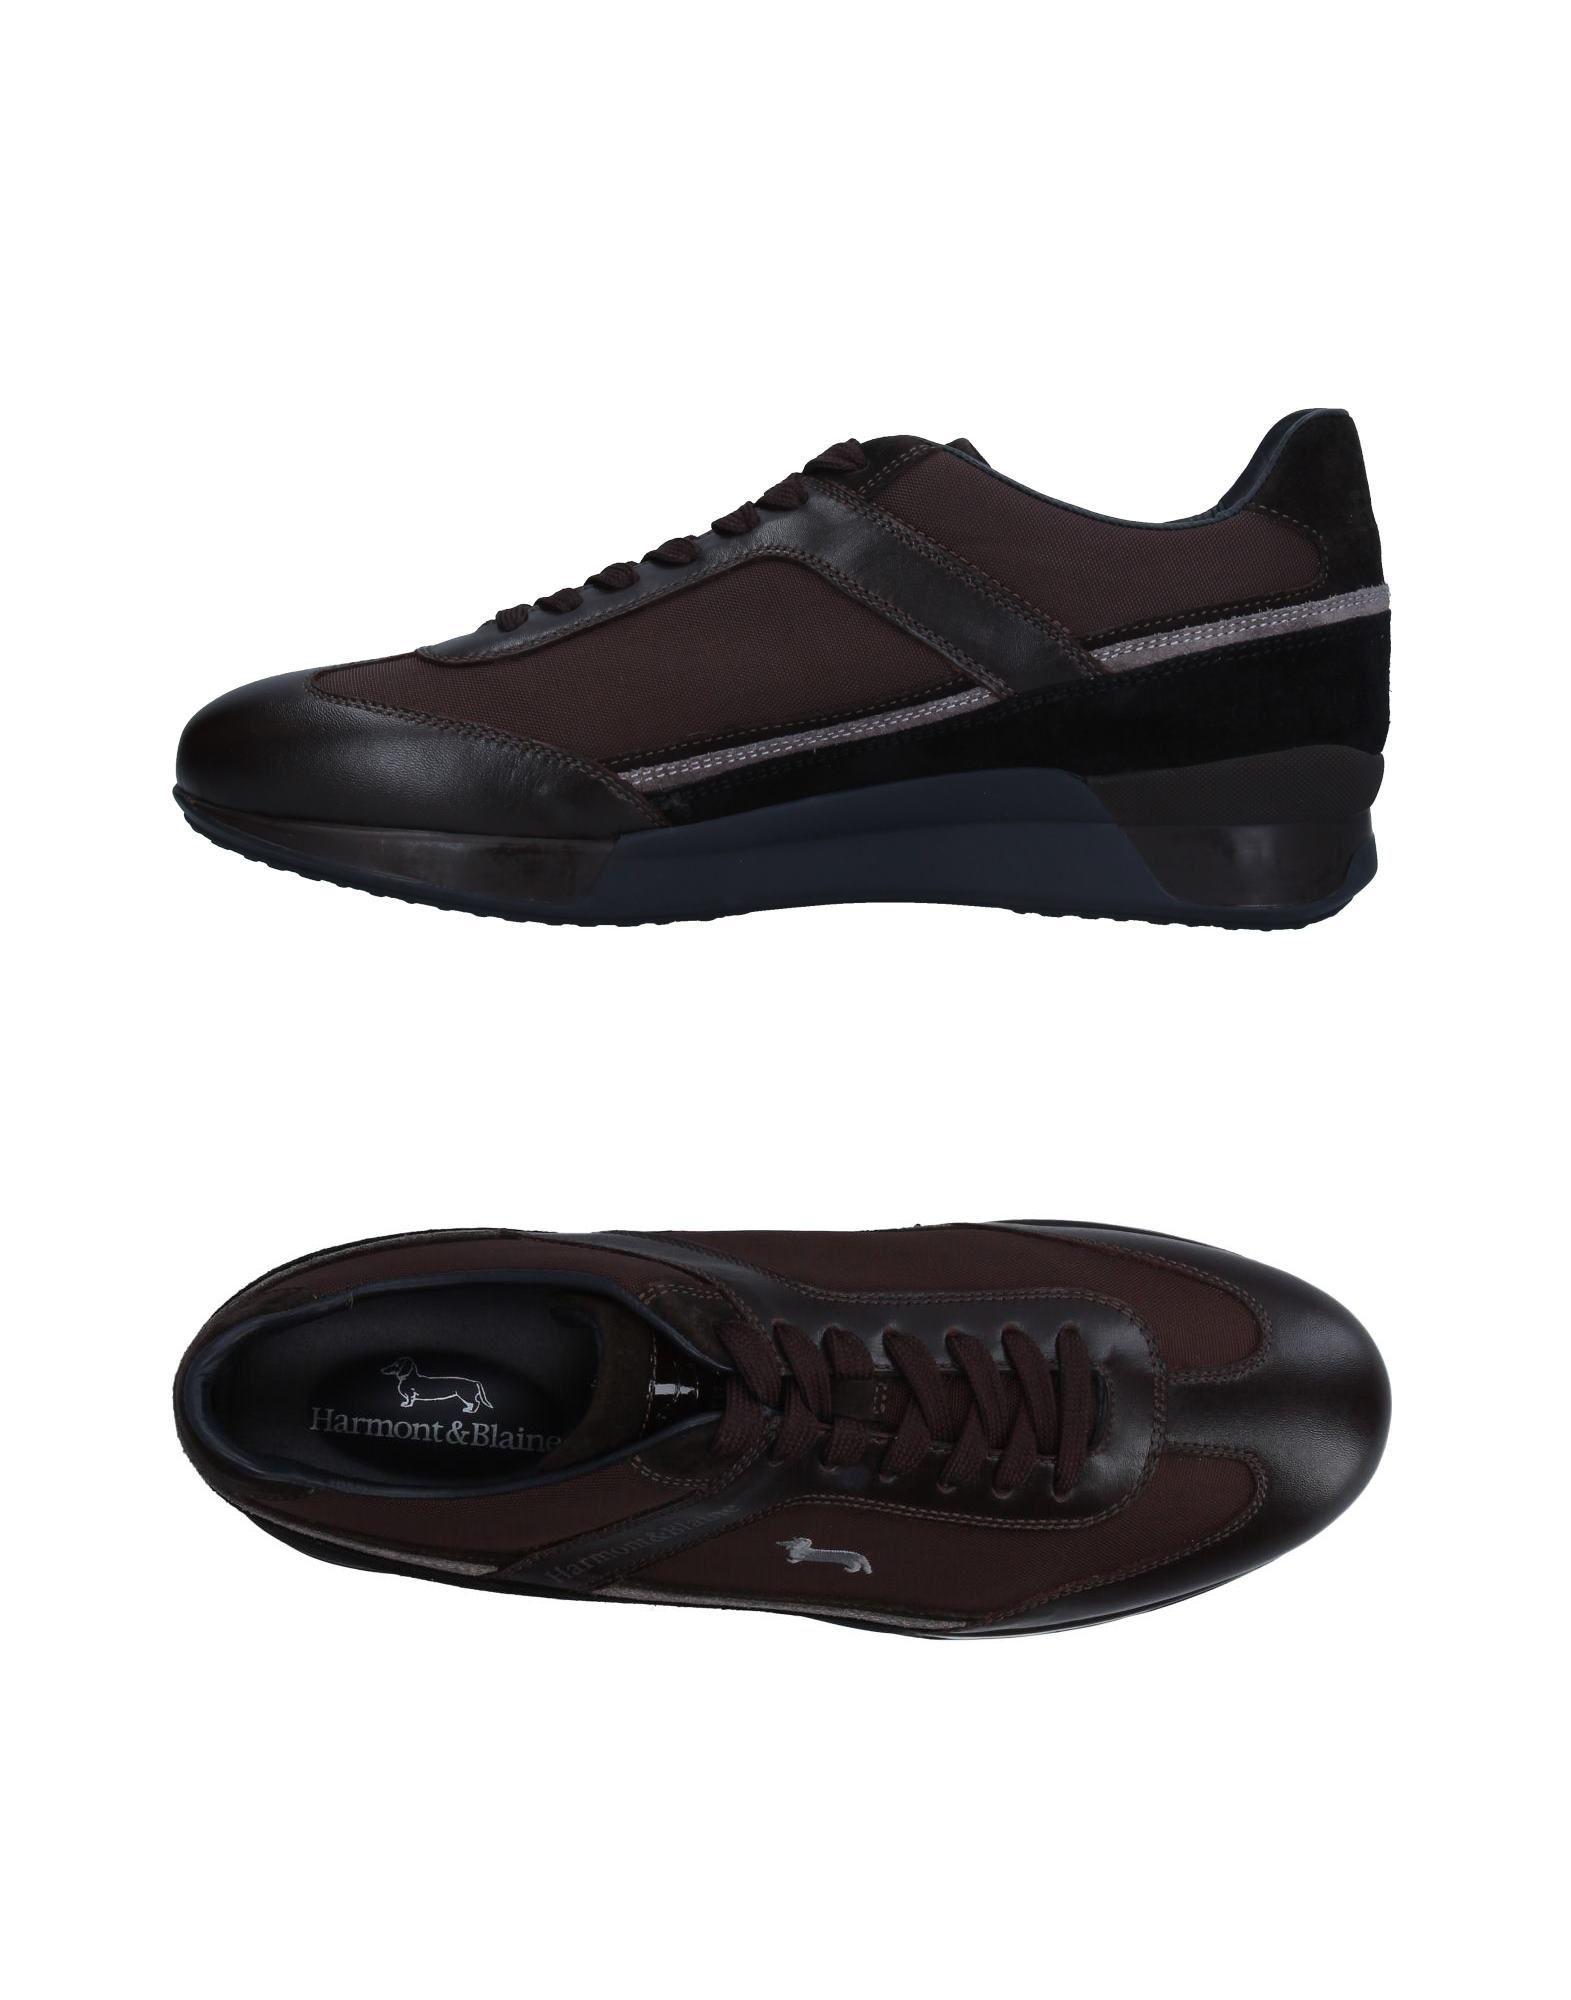 Harmont&Blaine Sneakers Herren  11327949TT